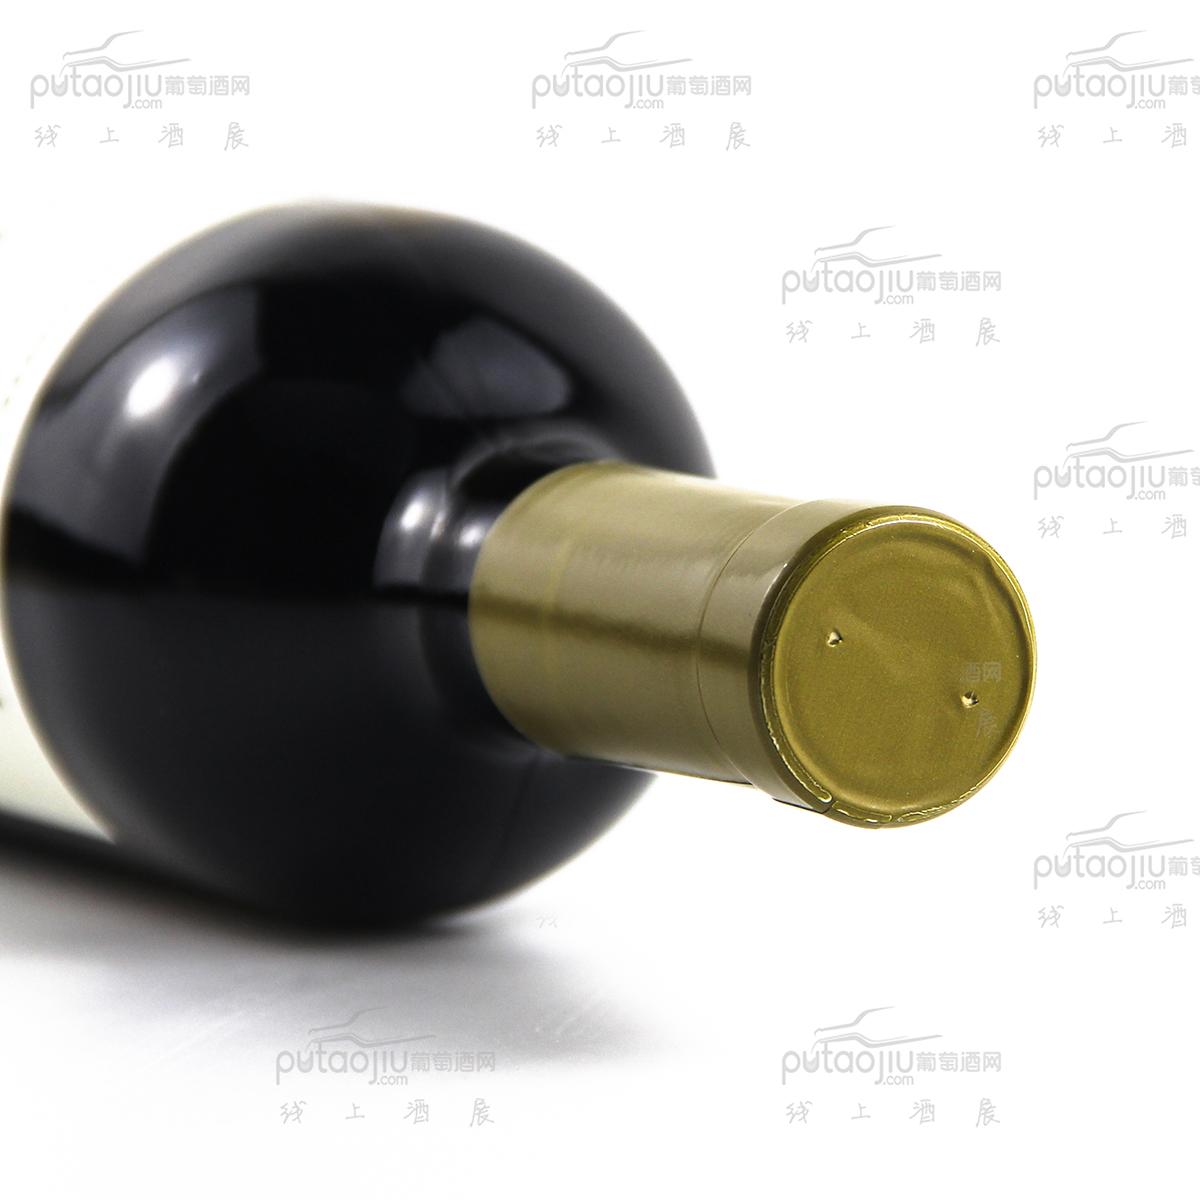 摩尔多瓦斯特凡大公区堡尔酒庄霞多丽干白葡萄酒 2017